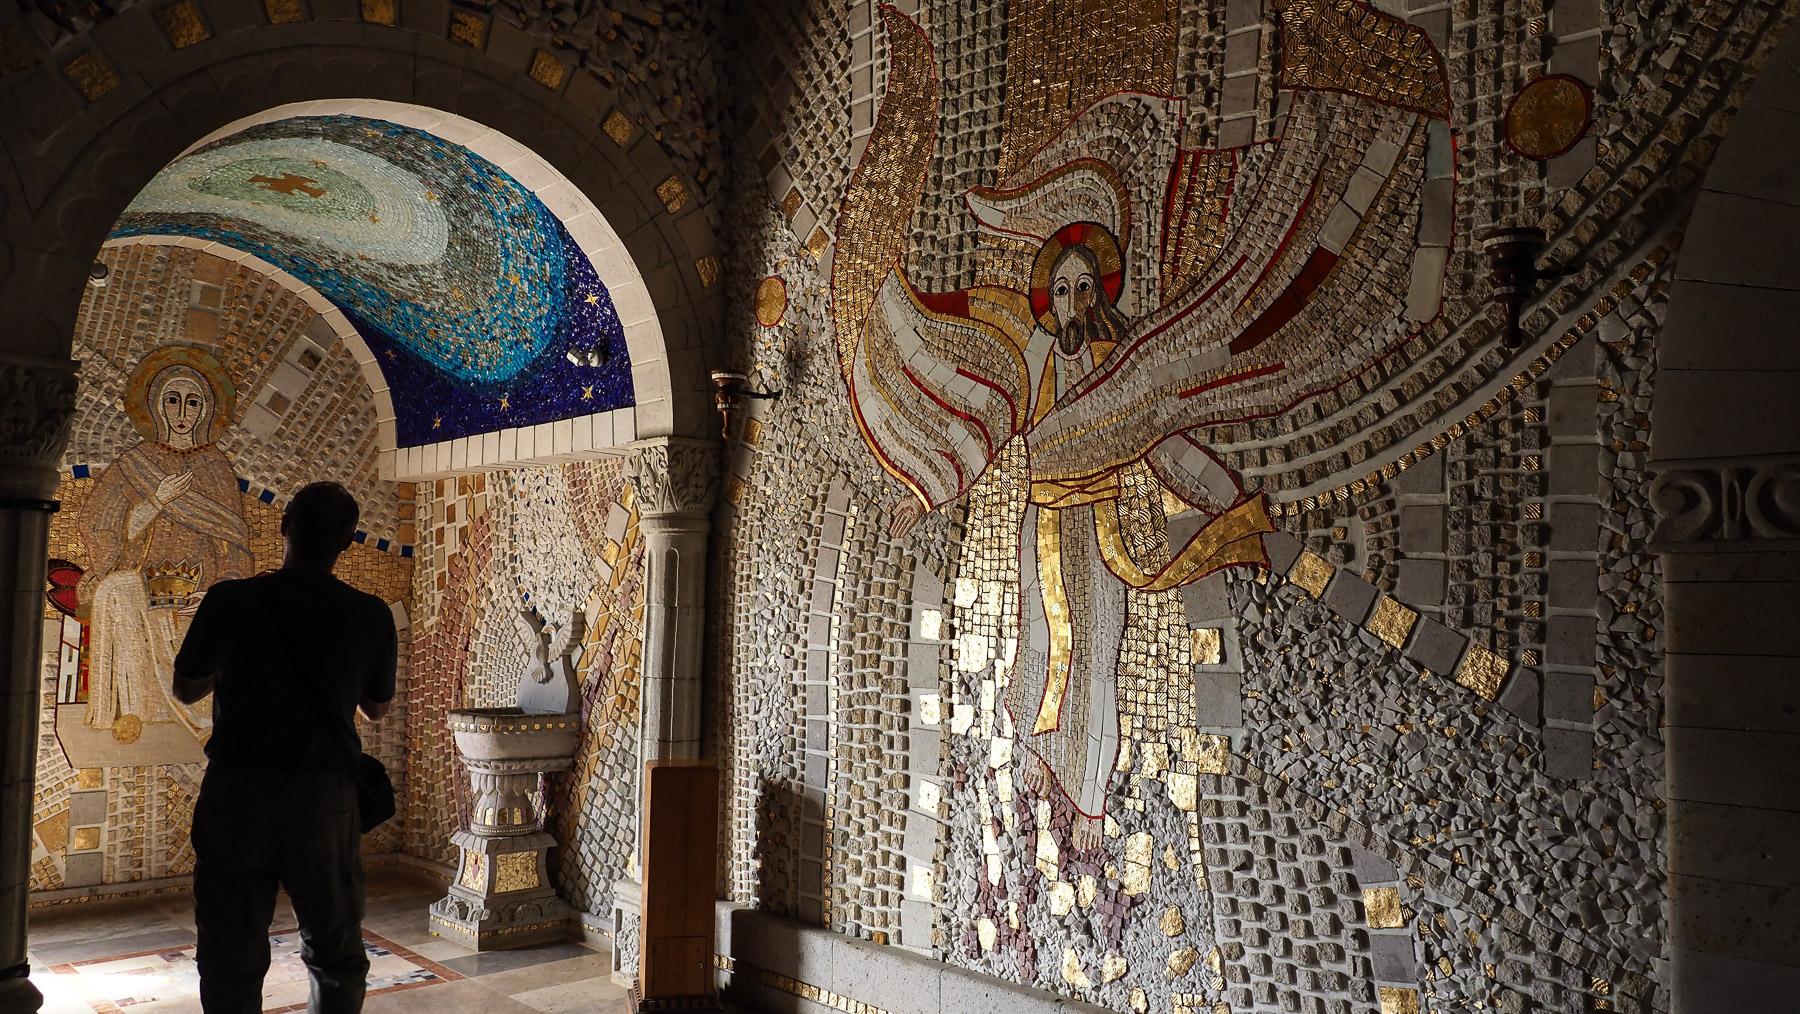 Die Kirche ist  innen komplett mit Glas- und Keramik-Mosaiken bedeckt